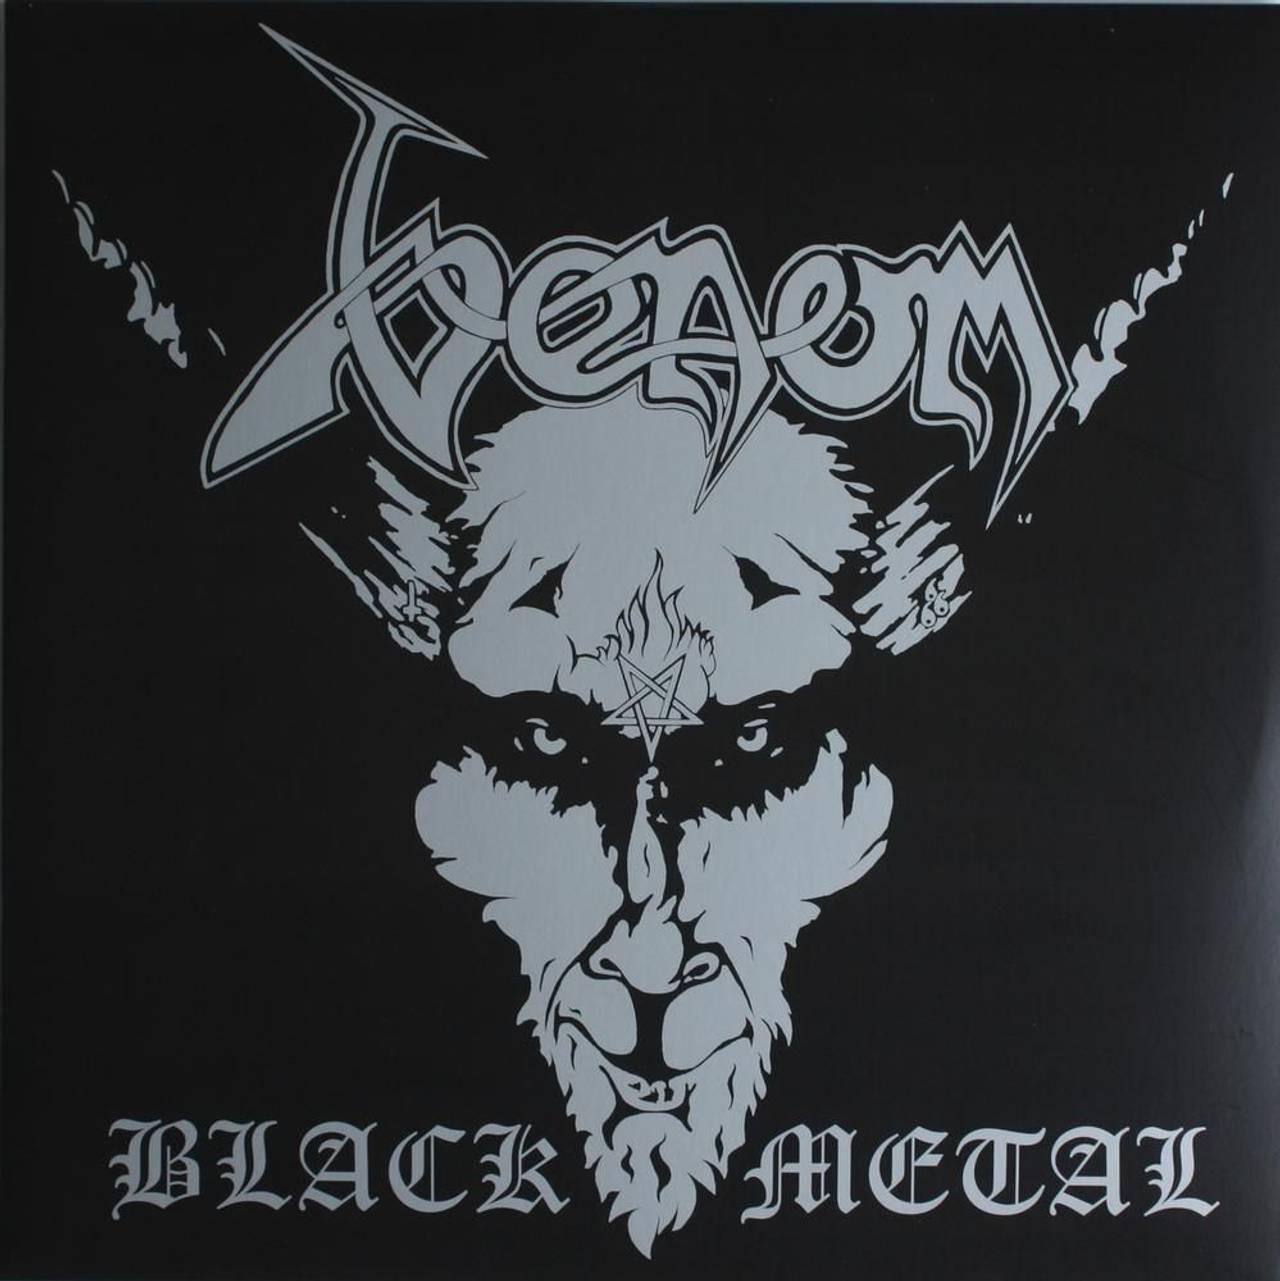 Coveret til albumet Black Metal av Venom. Coveret viser en sort-hvitt tegning av djevelen med et pentagram i panna.